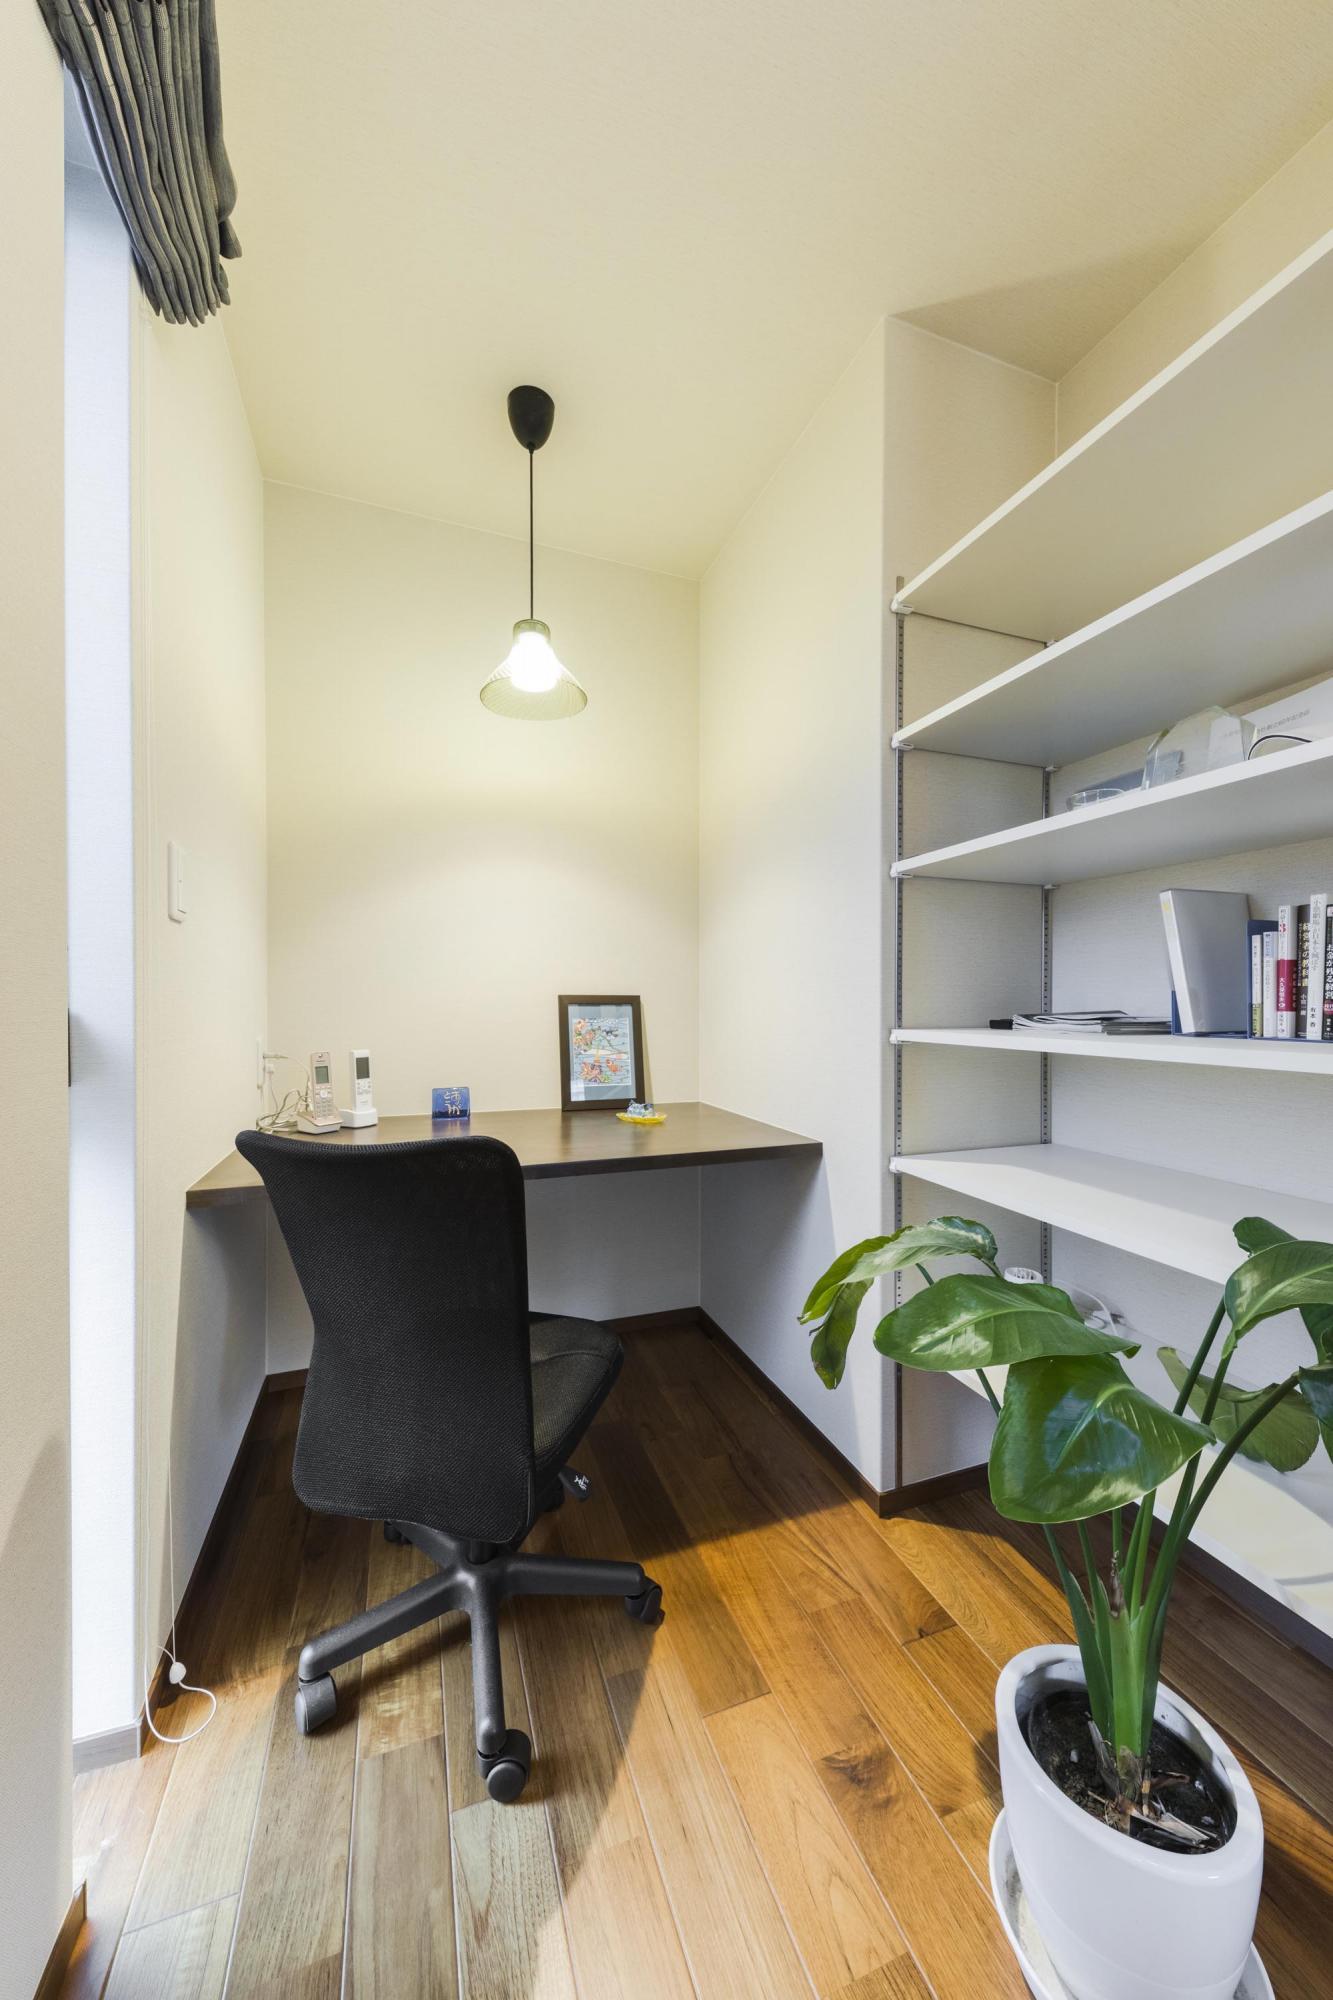 2階の寝室の一角には新たに書斎を設置した。カウンターや本棚は造り付けにすることで、空間にぴったりと収まっているのが魅力である